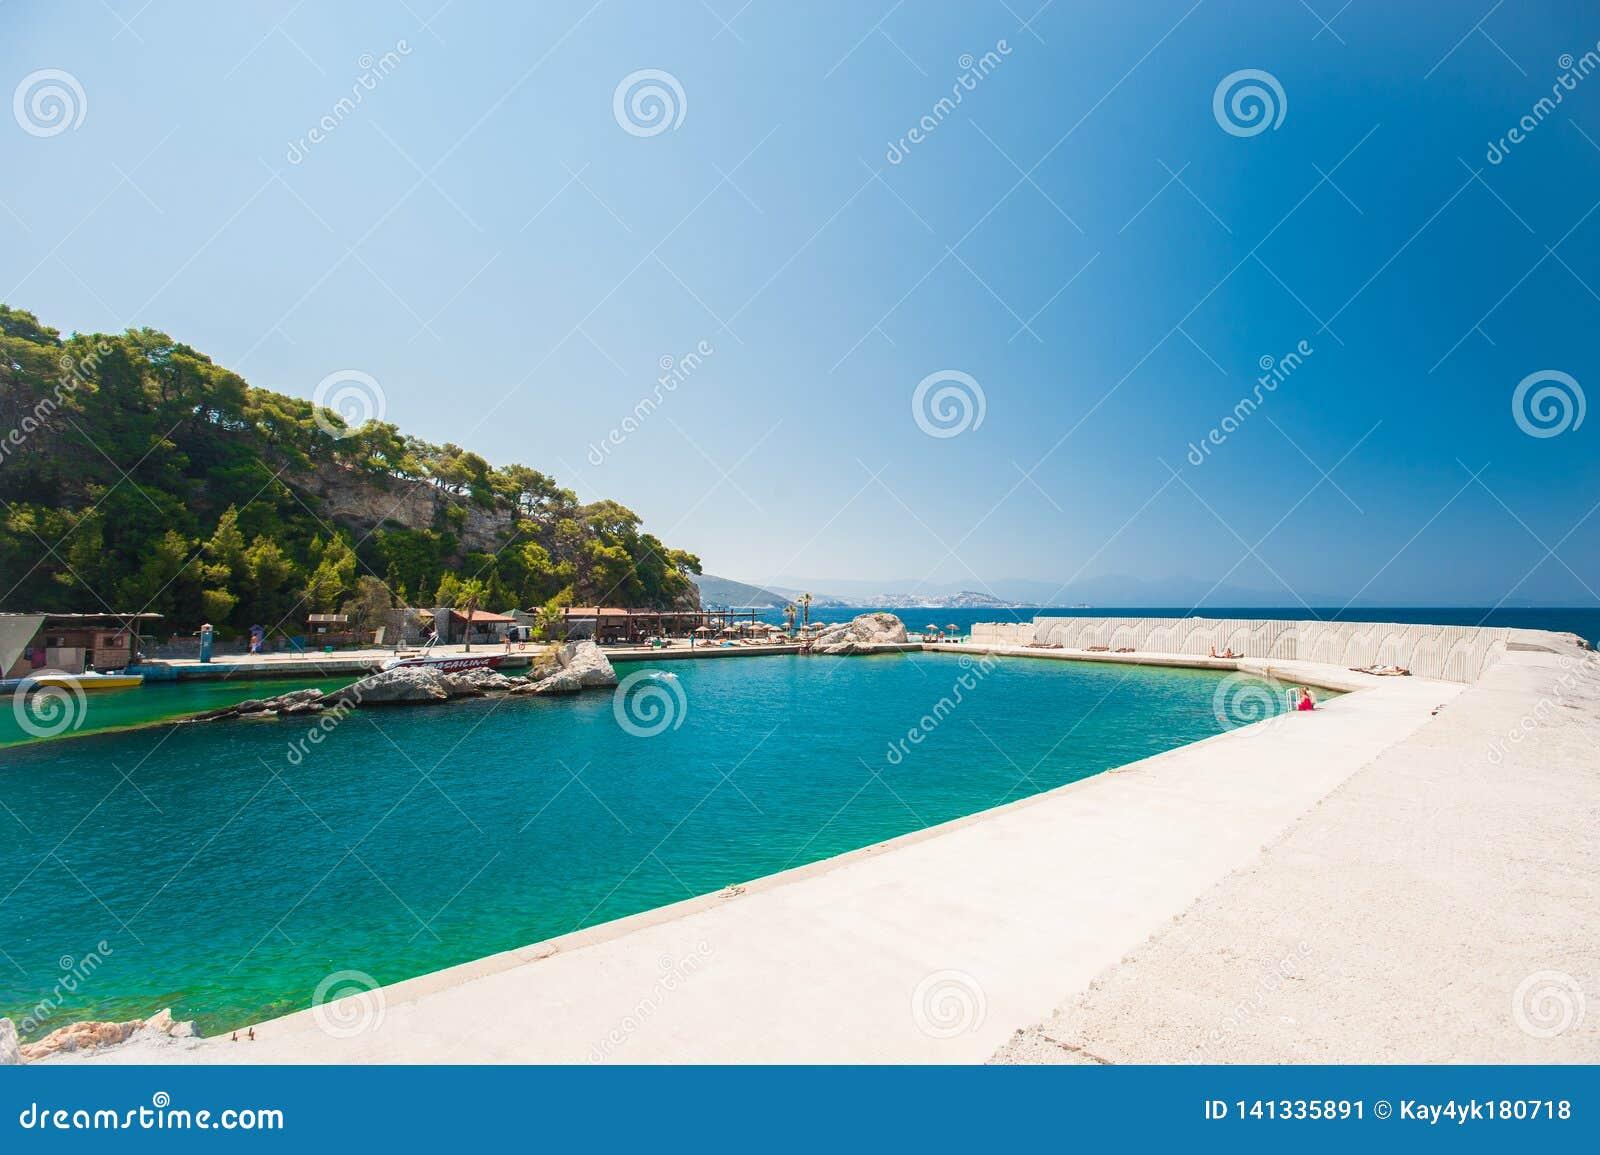 Località di soggiorno su acqua blu, acqua dentro calcestruzzo